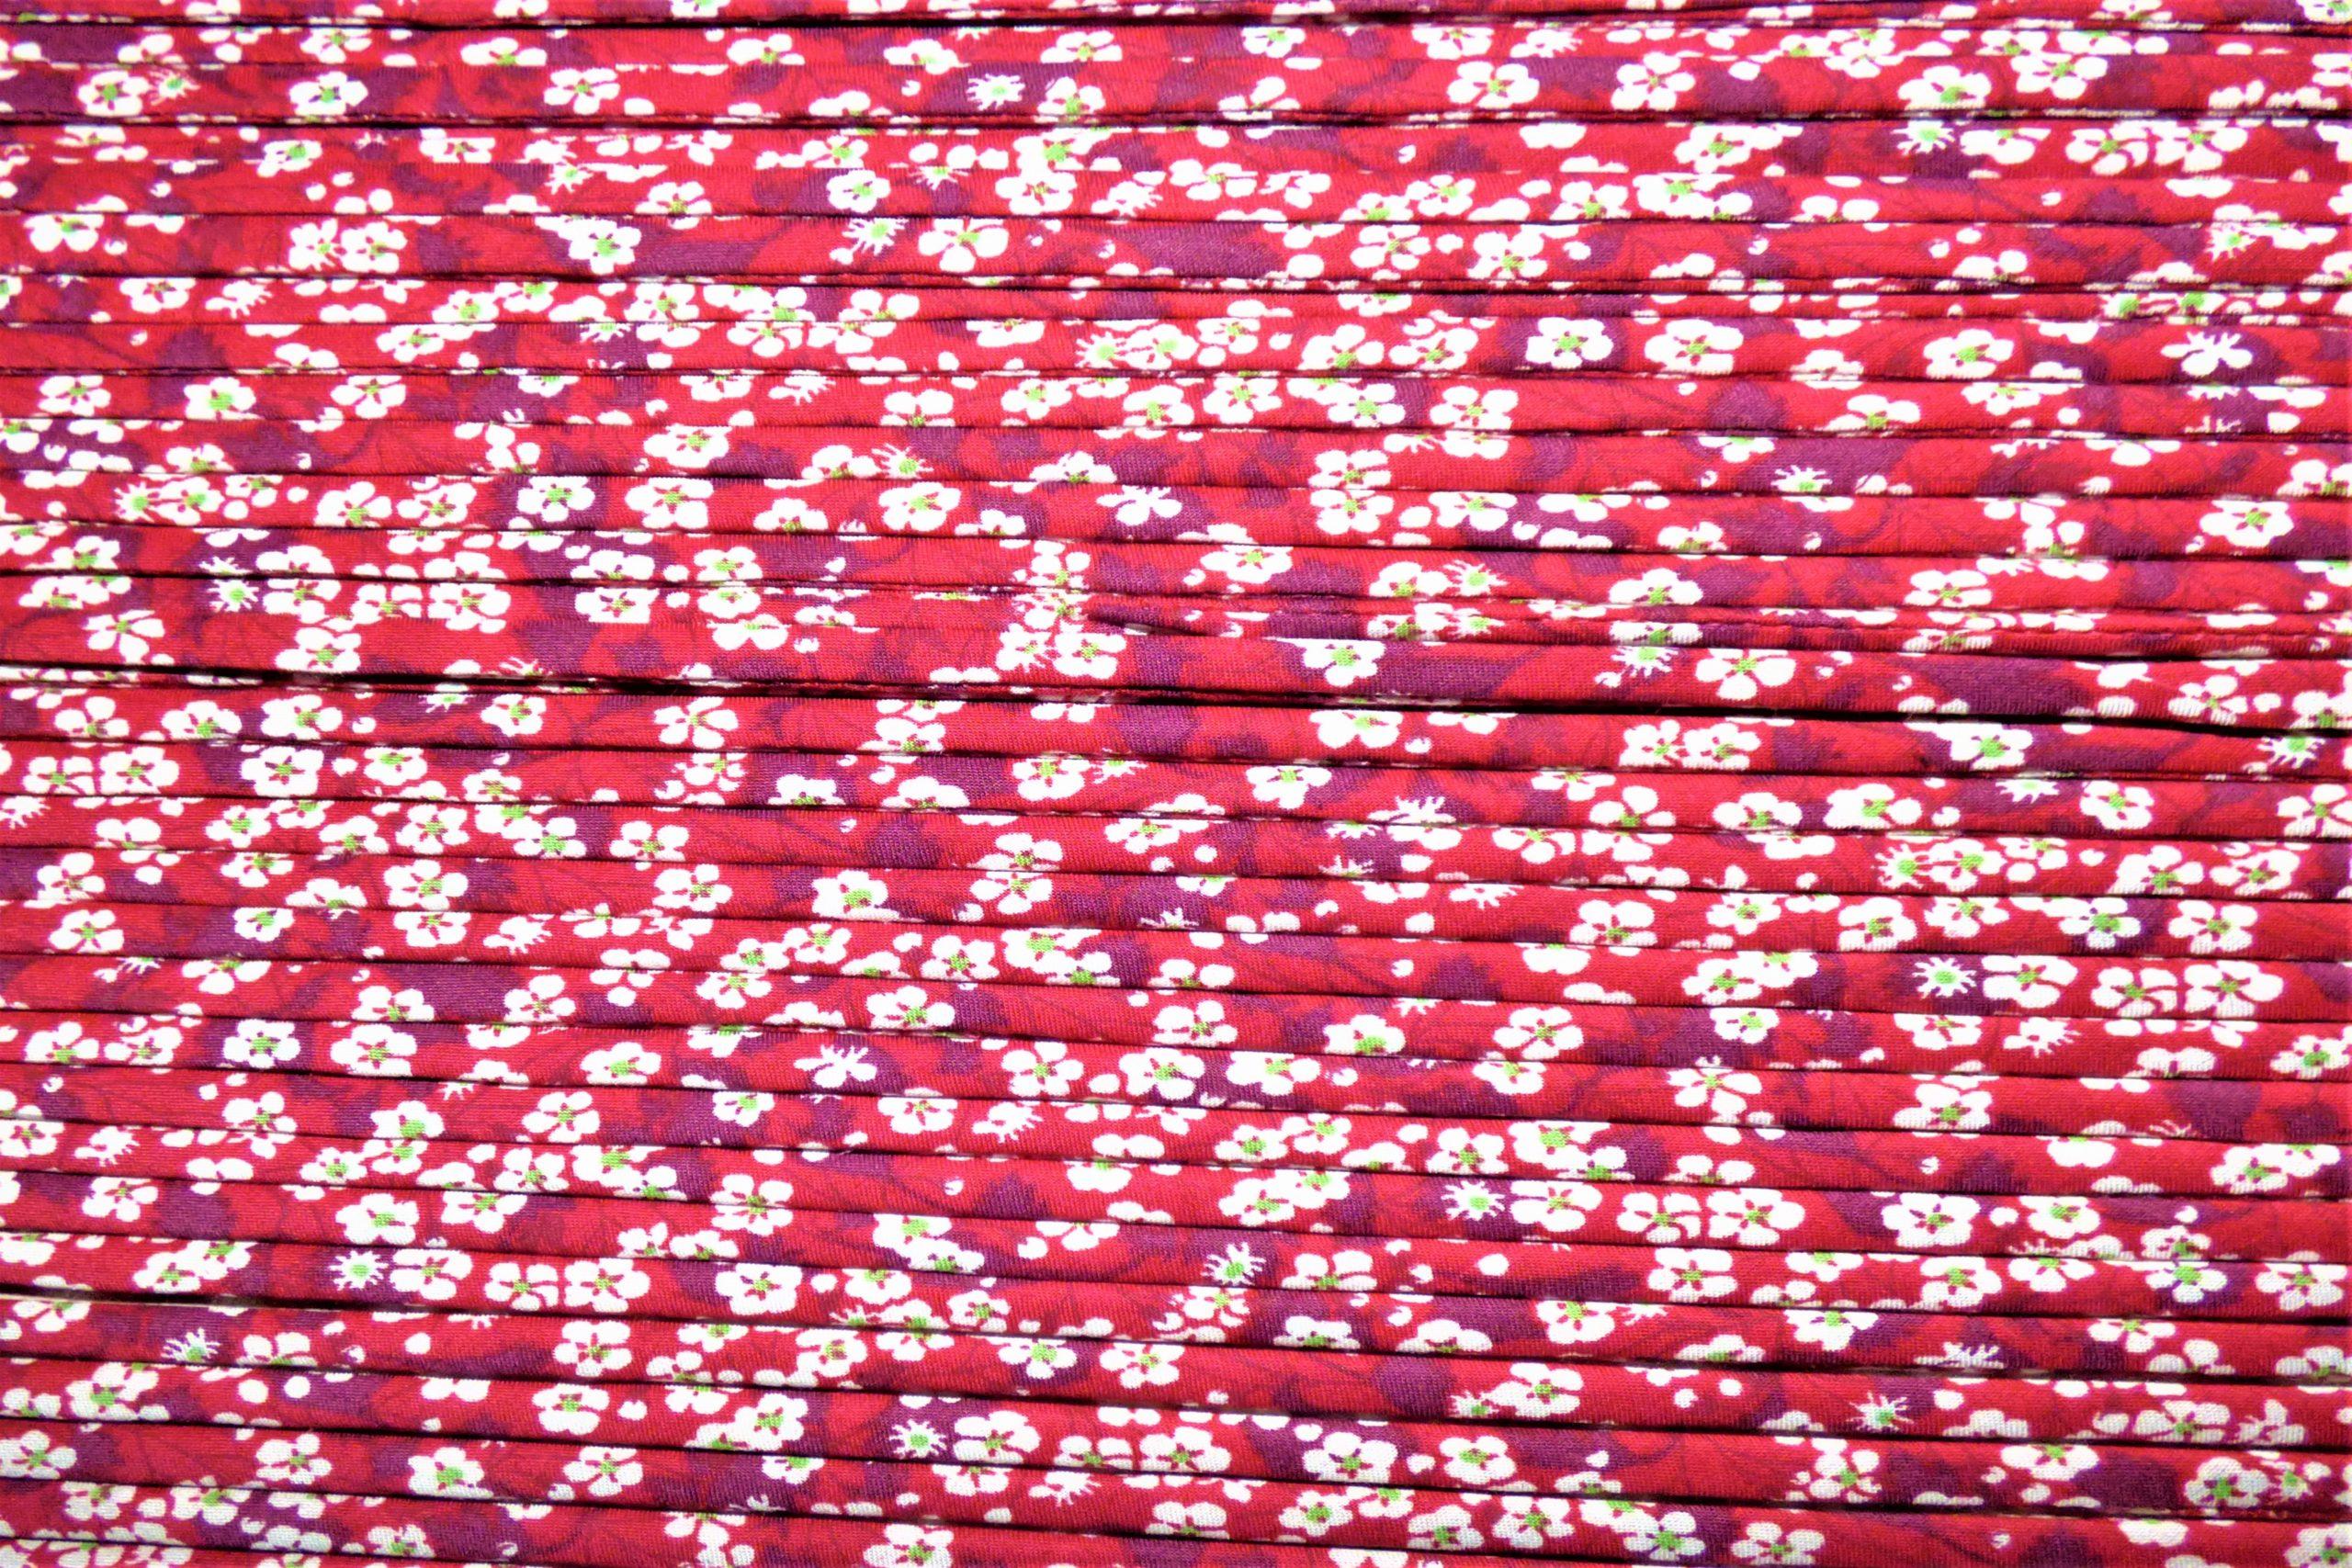 rouge a fleur